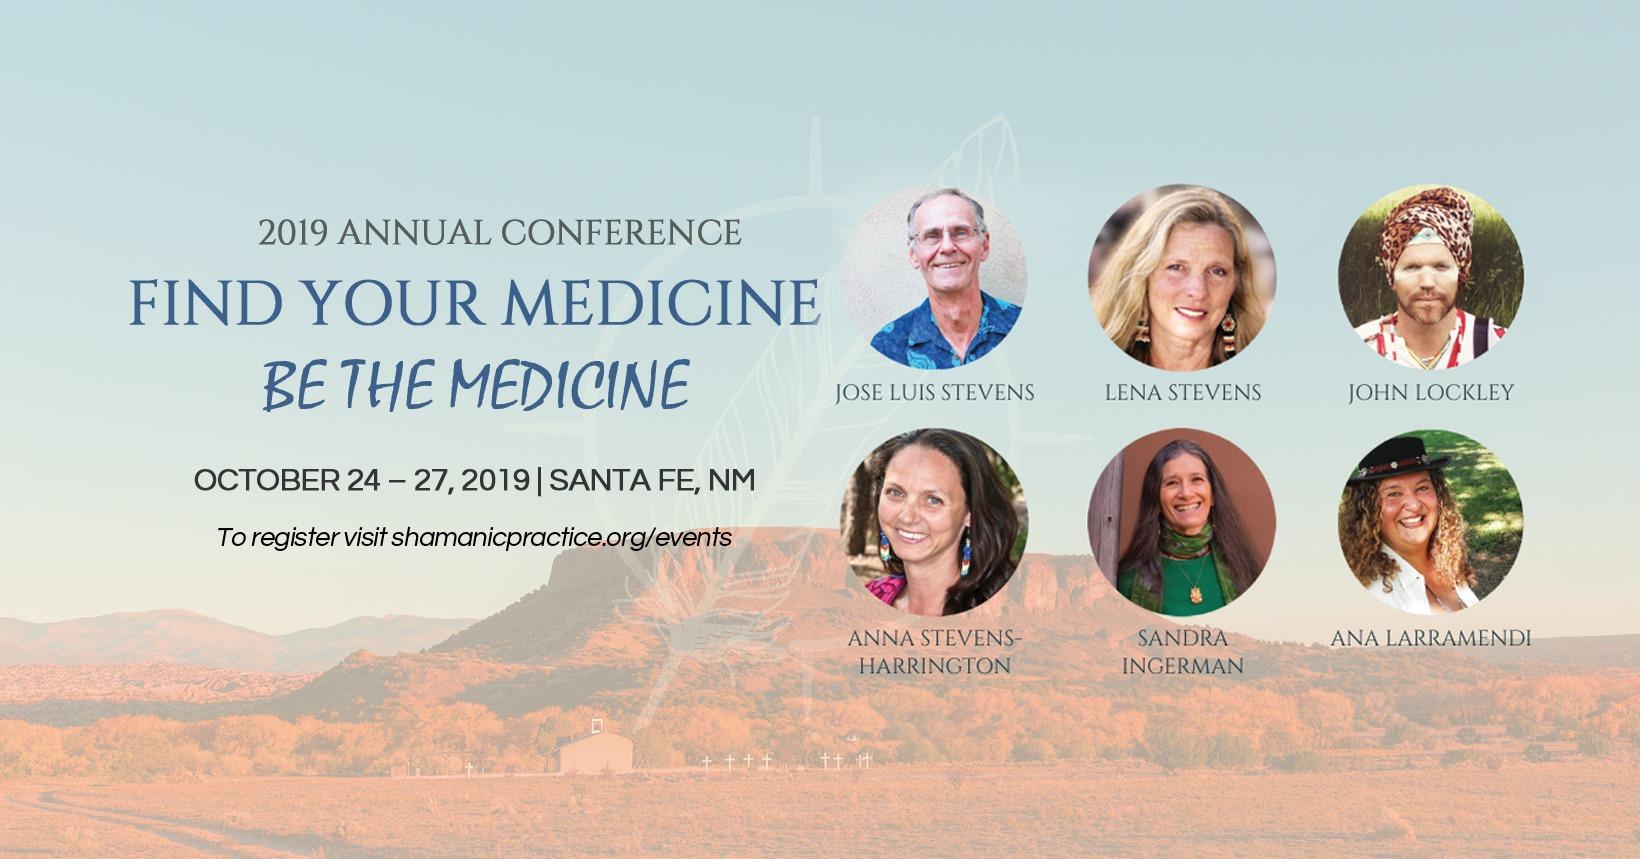 SSP Conference Santa Fe 2019.jpg